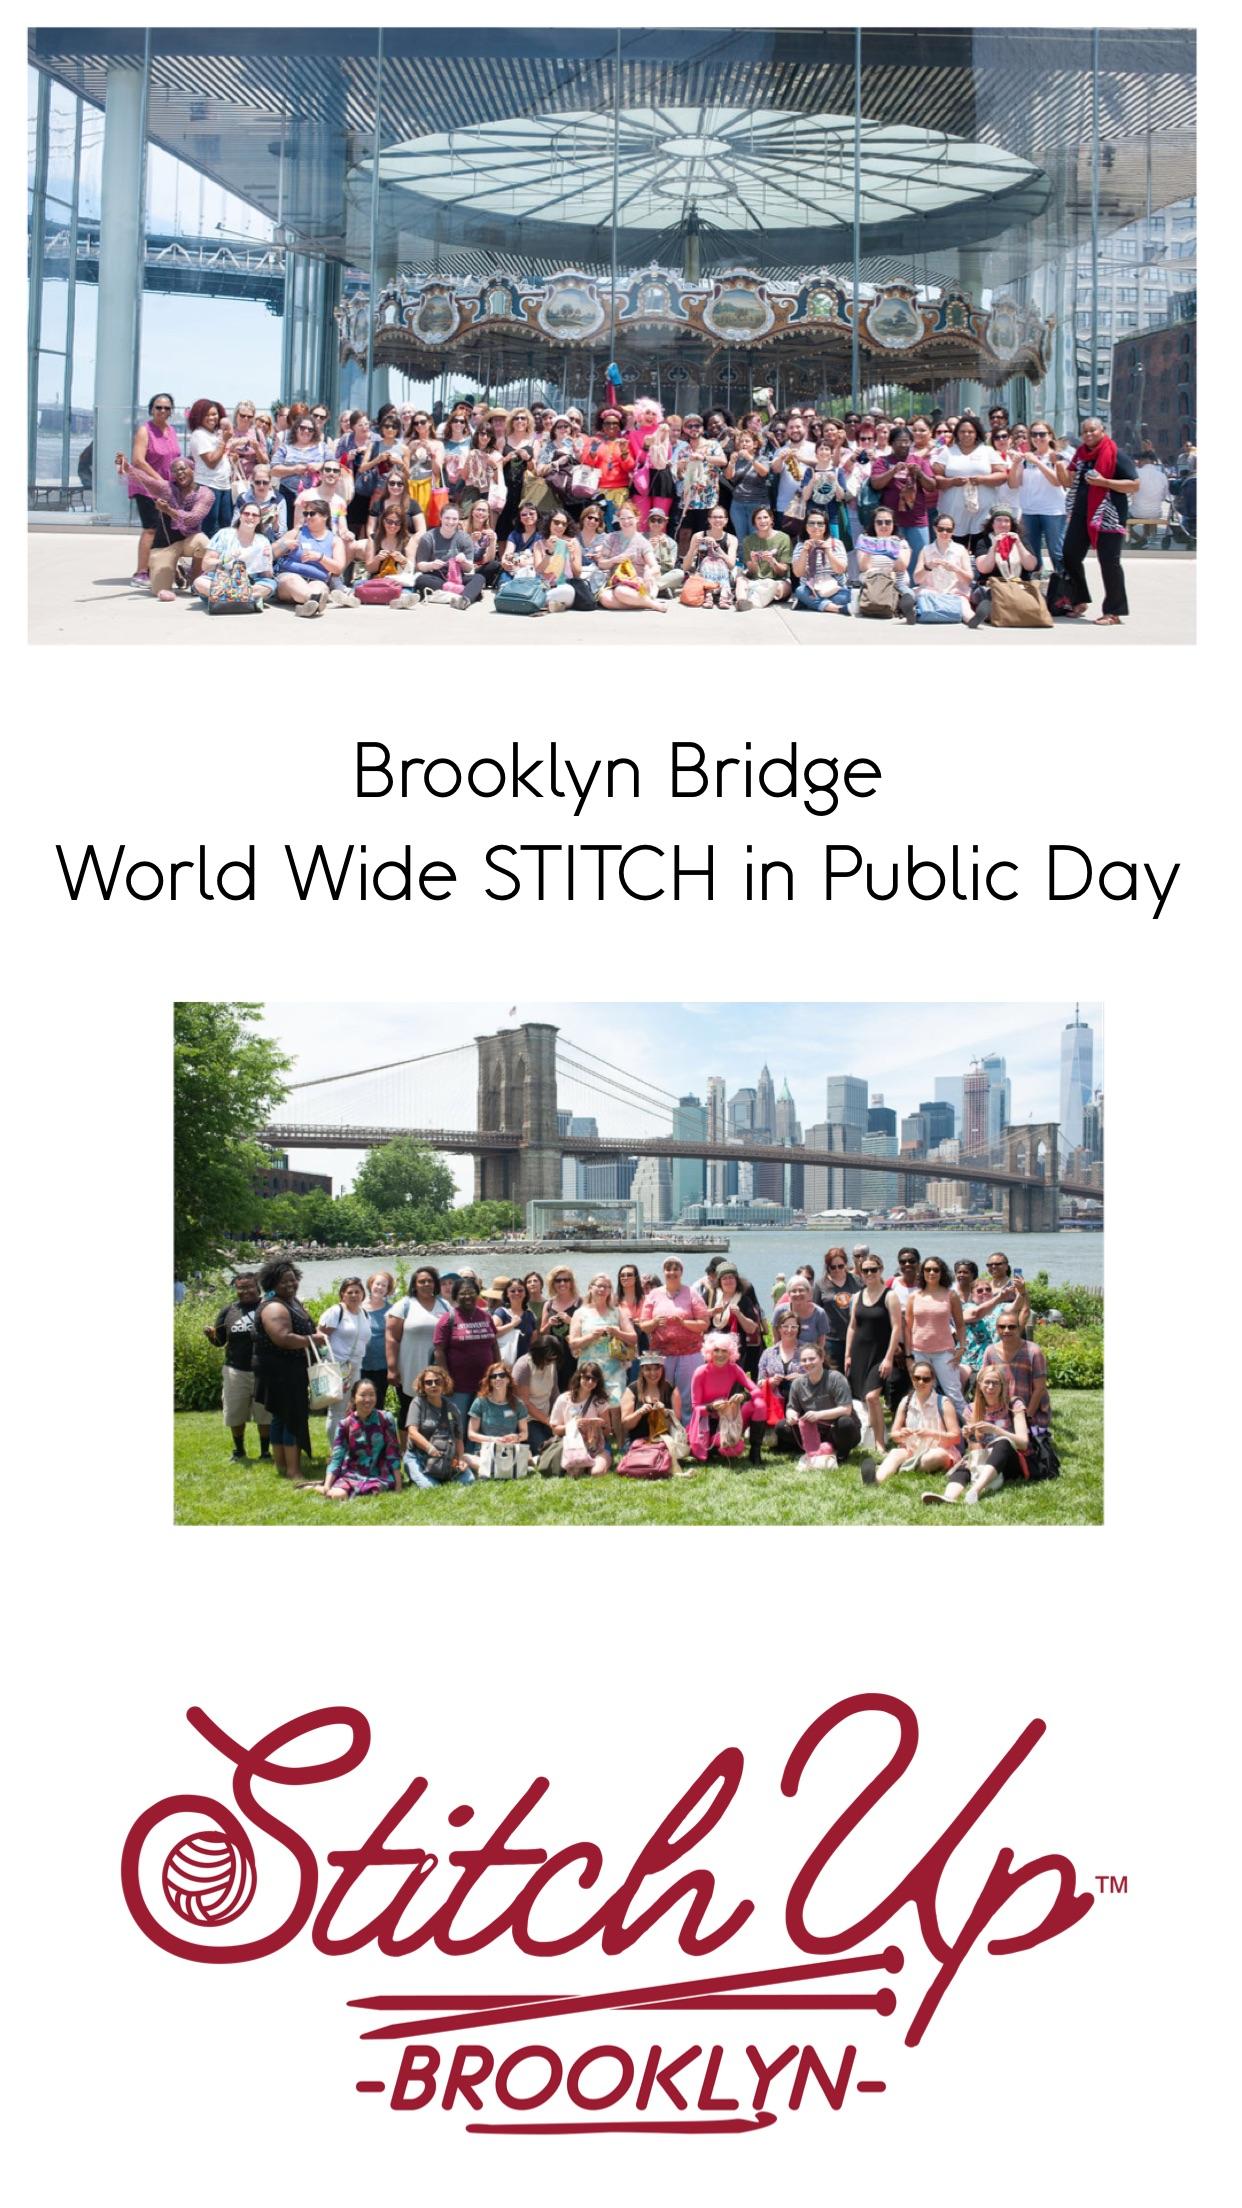 world-wide-knit-in-public-day-5.jpg